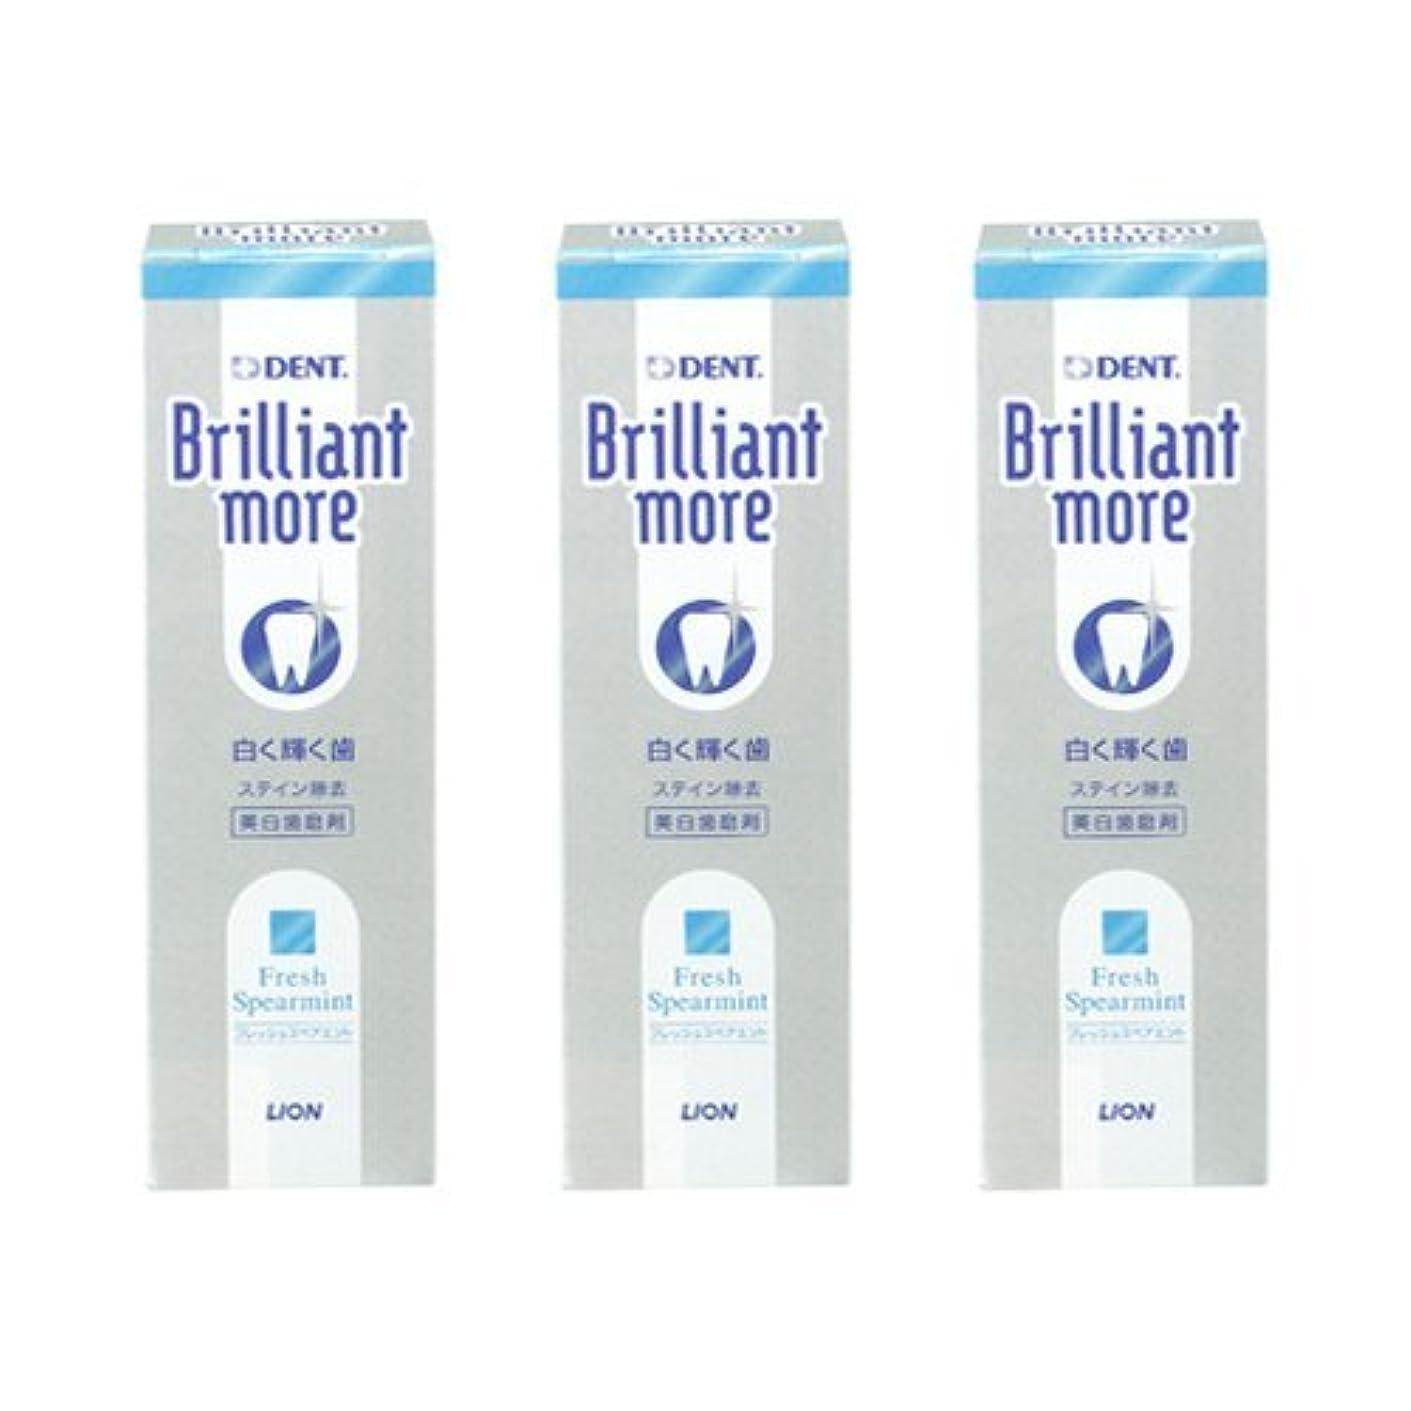 スラッシュ打ち負かすクラックライオン ブリリアントモア フレッシュスペアミント 3本セット 美白歯磨剤 LION Brilliant more